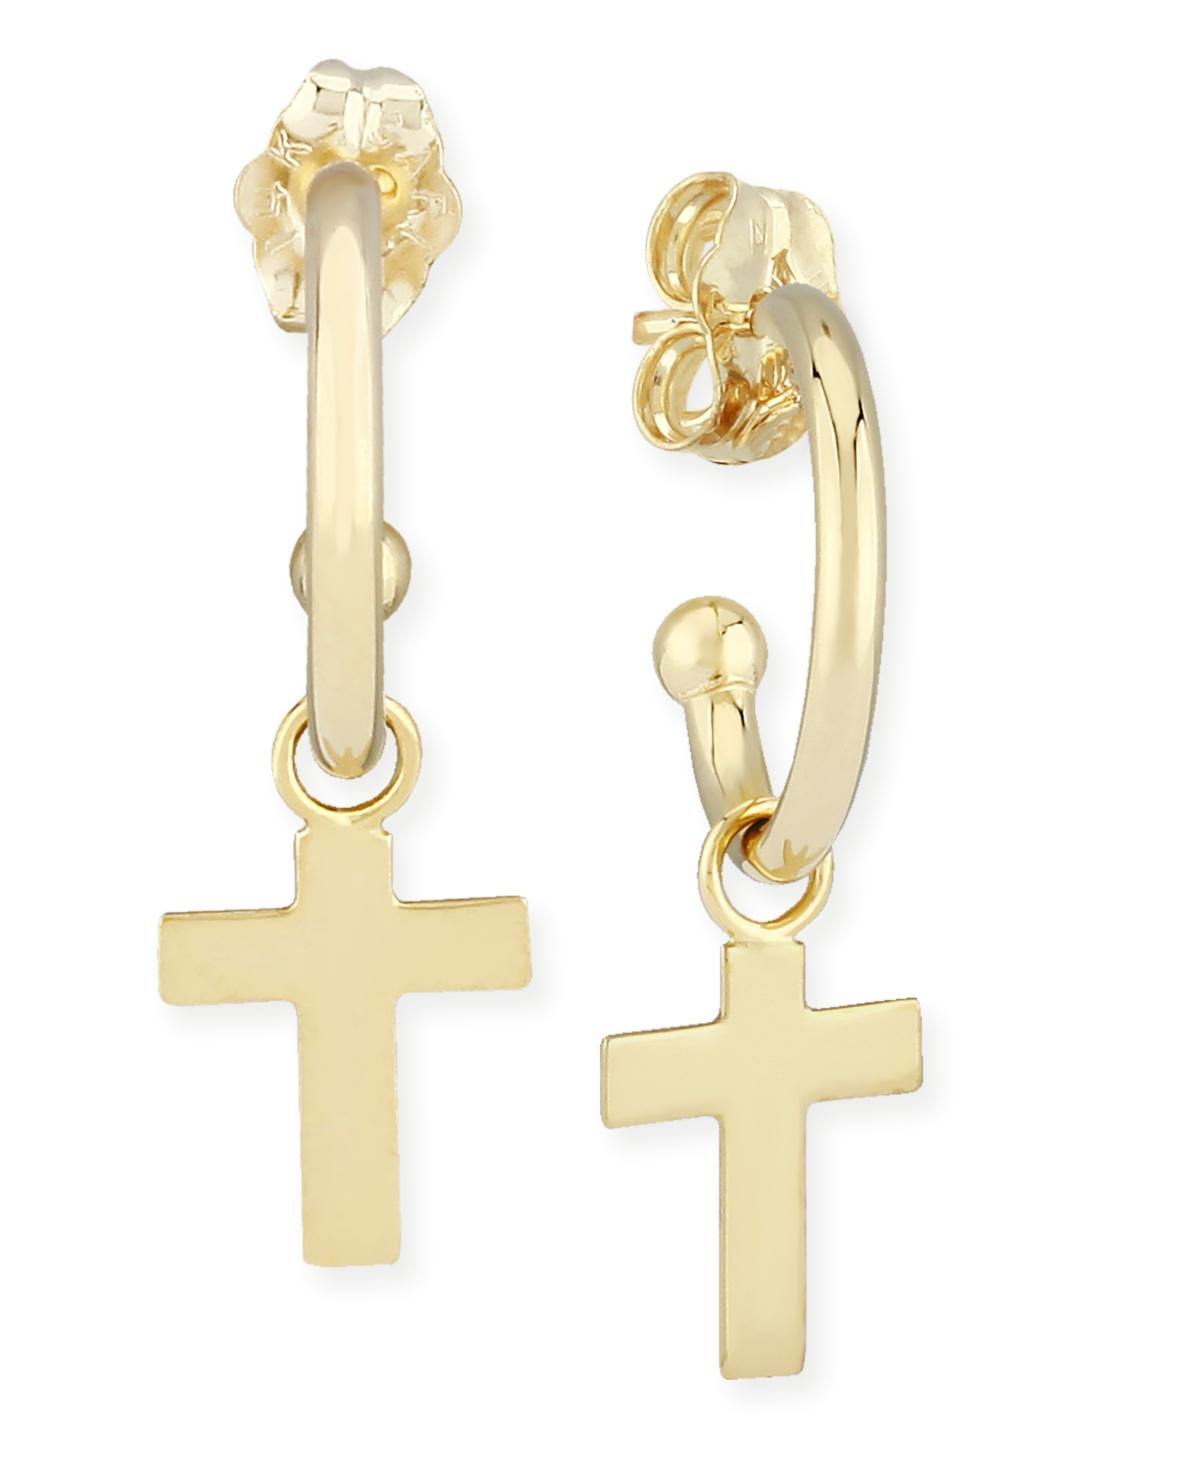 Dangle Cross Hoop Earrings in 14k Gold